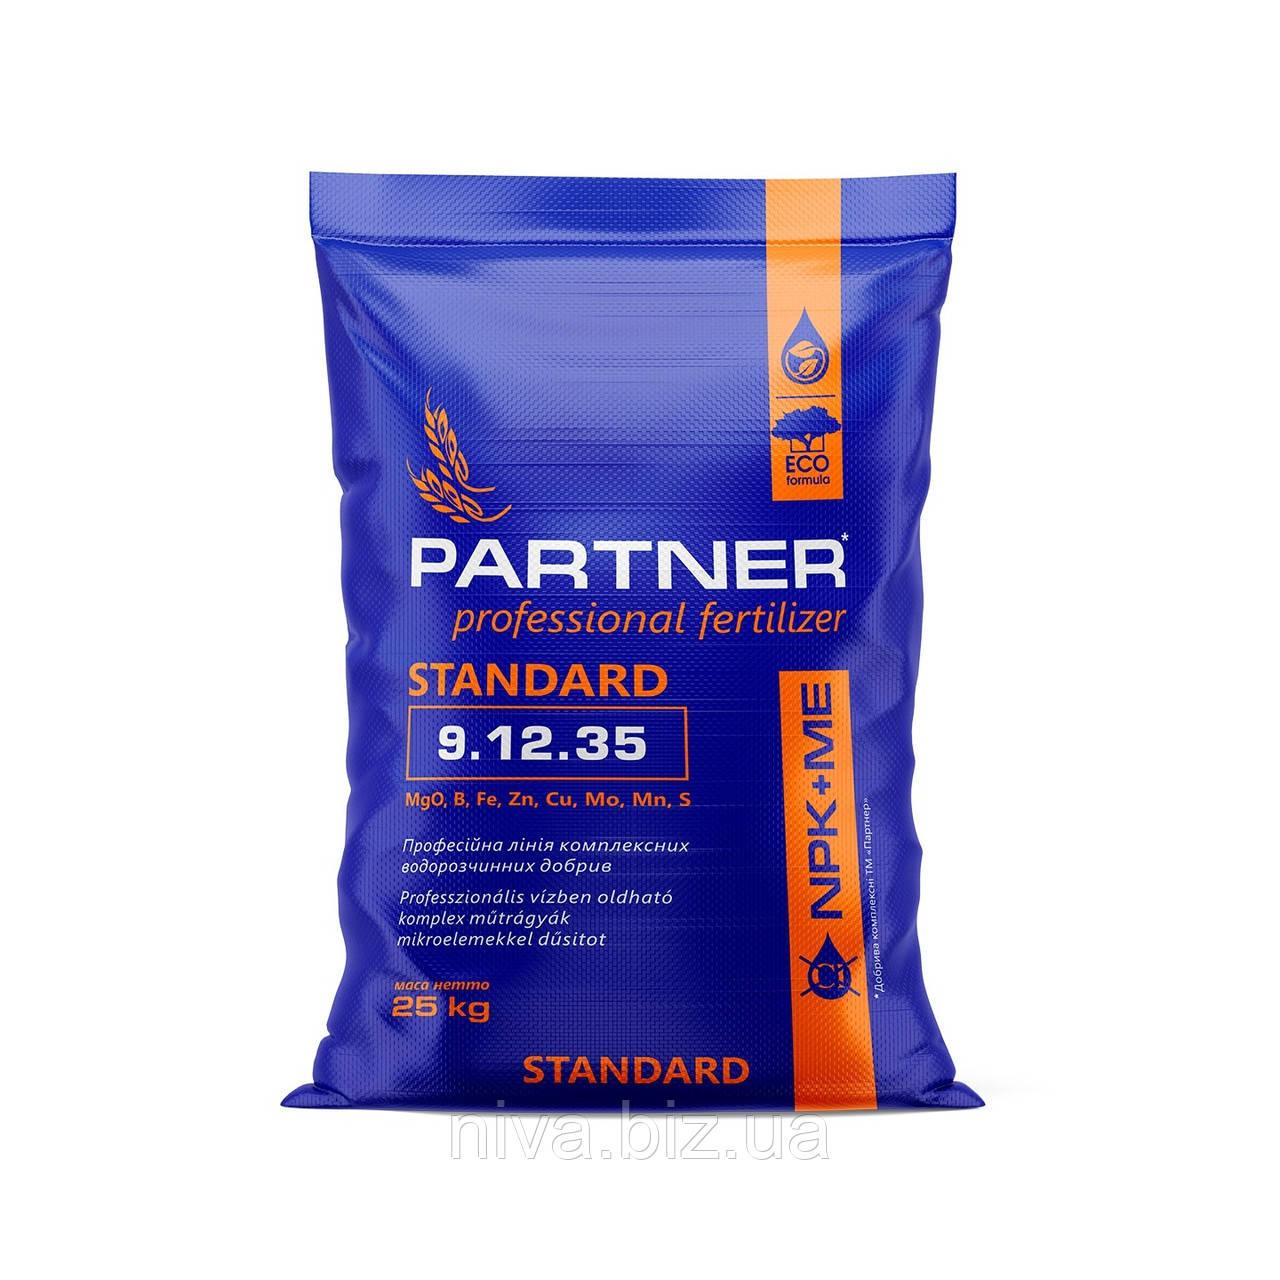 Партнер (Partner) Standard комплексне водорозчинне добриво NPK 9.12.35+S+ME+МgO 25 кг